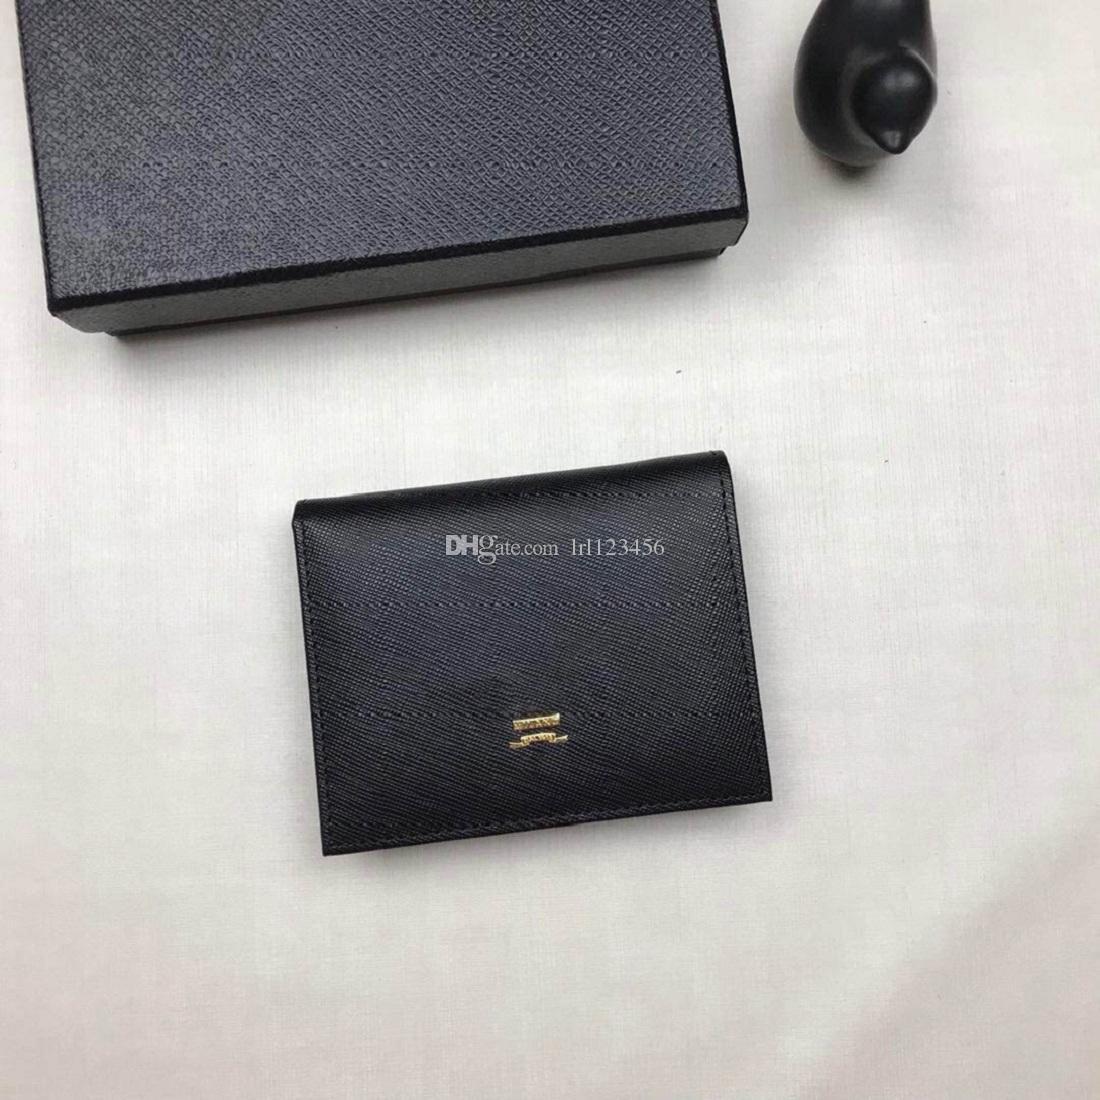 Titulaire de carte de concepteur de haute qualité classique Womens Portefeuille Porte-monnaie Emilie Portefeuilles Pass passeport Porte-plaquettes Pochette gratuite avec boîte